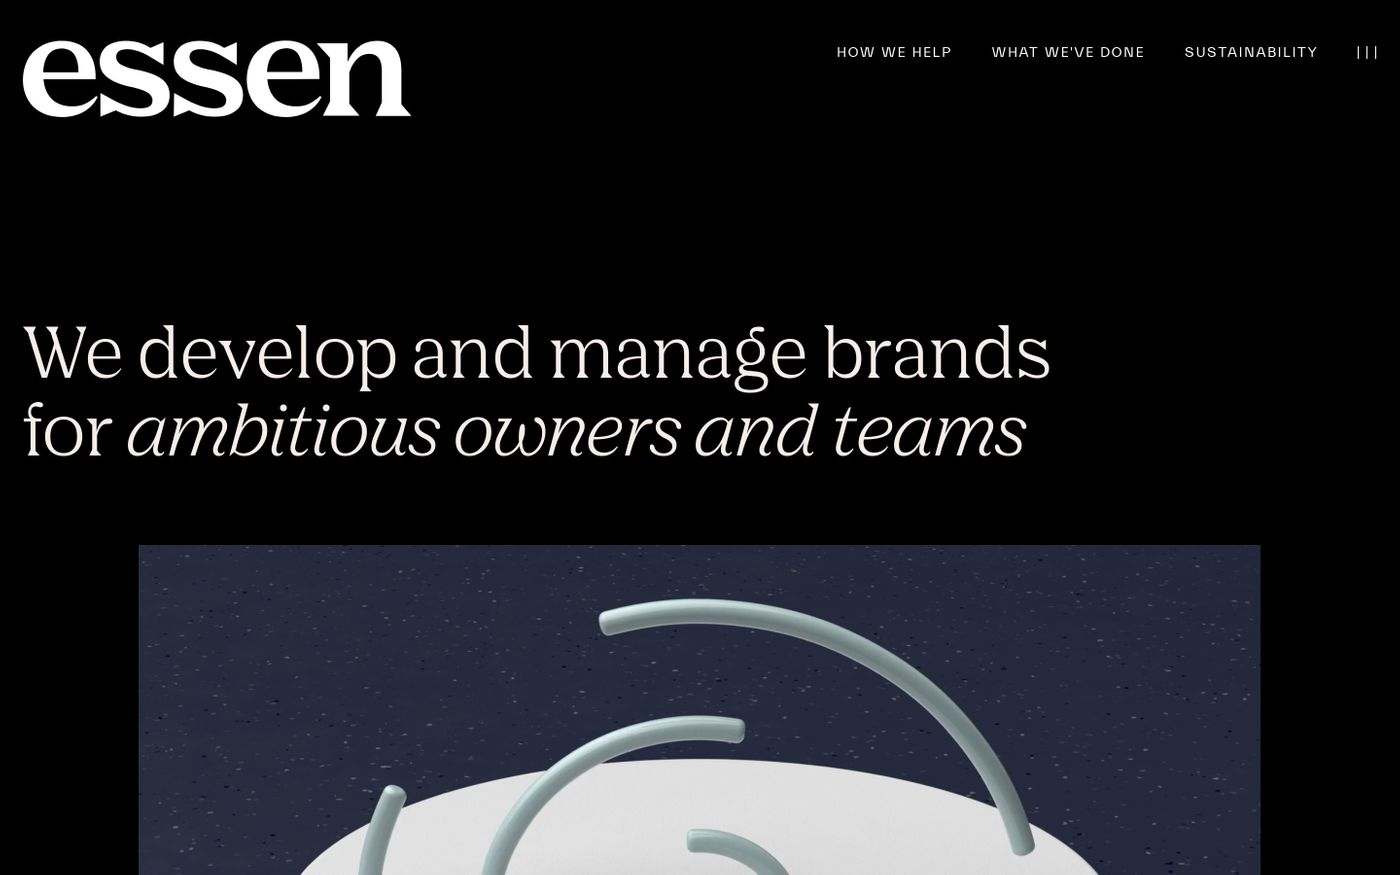 Screenshot of Essen website